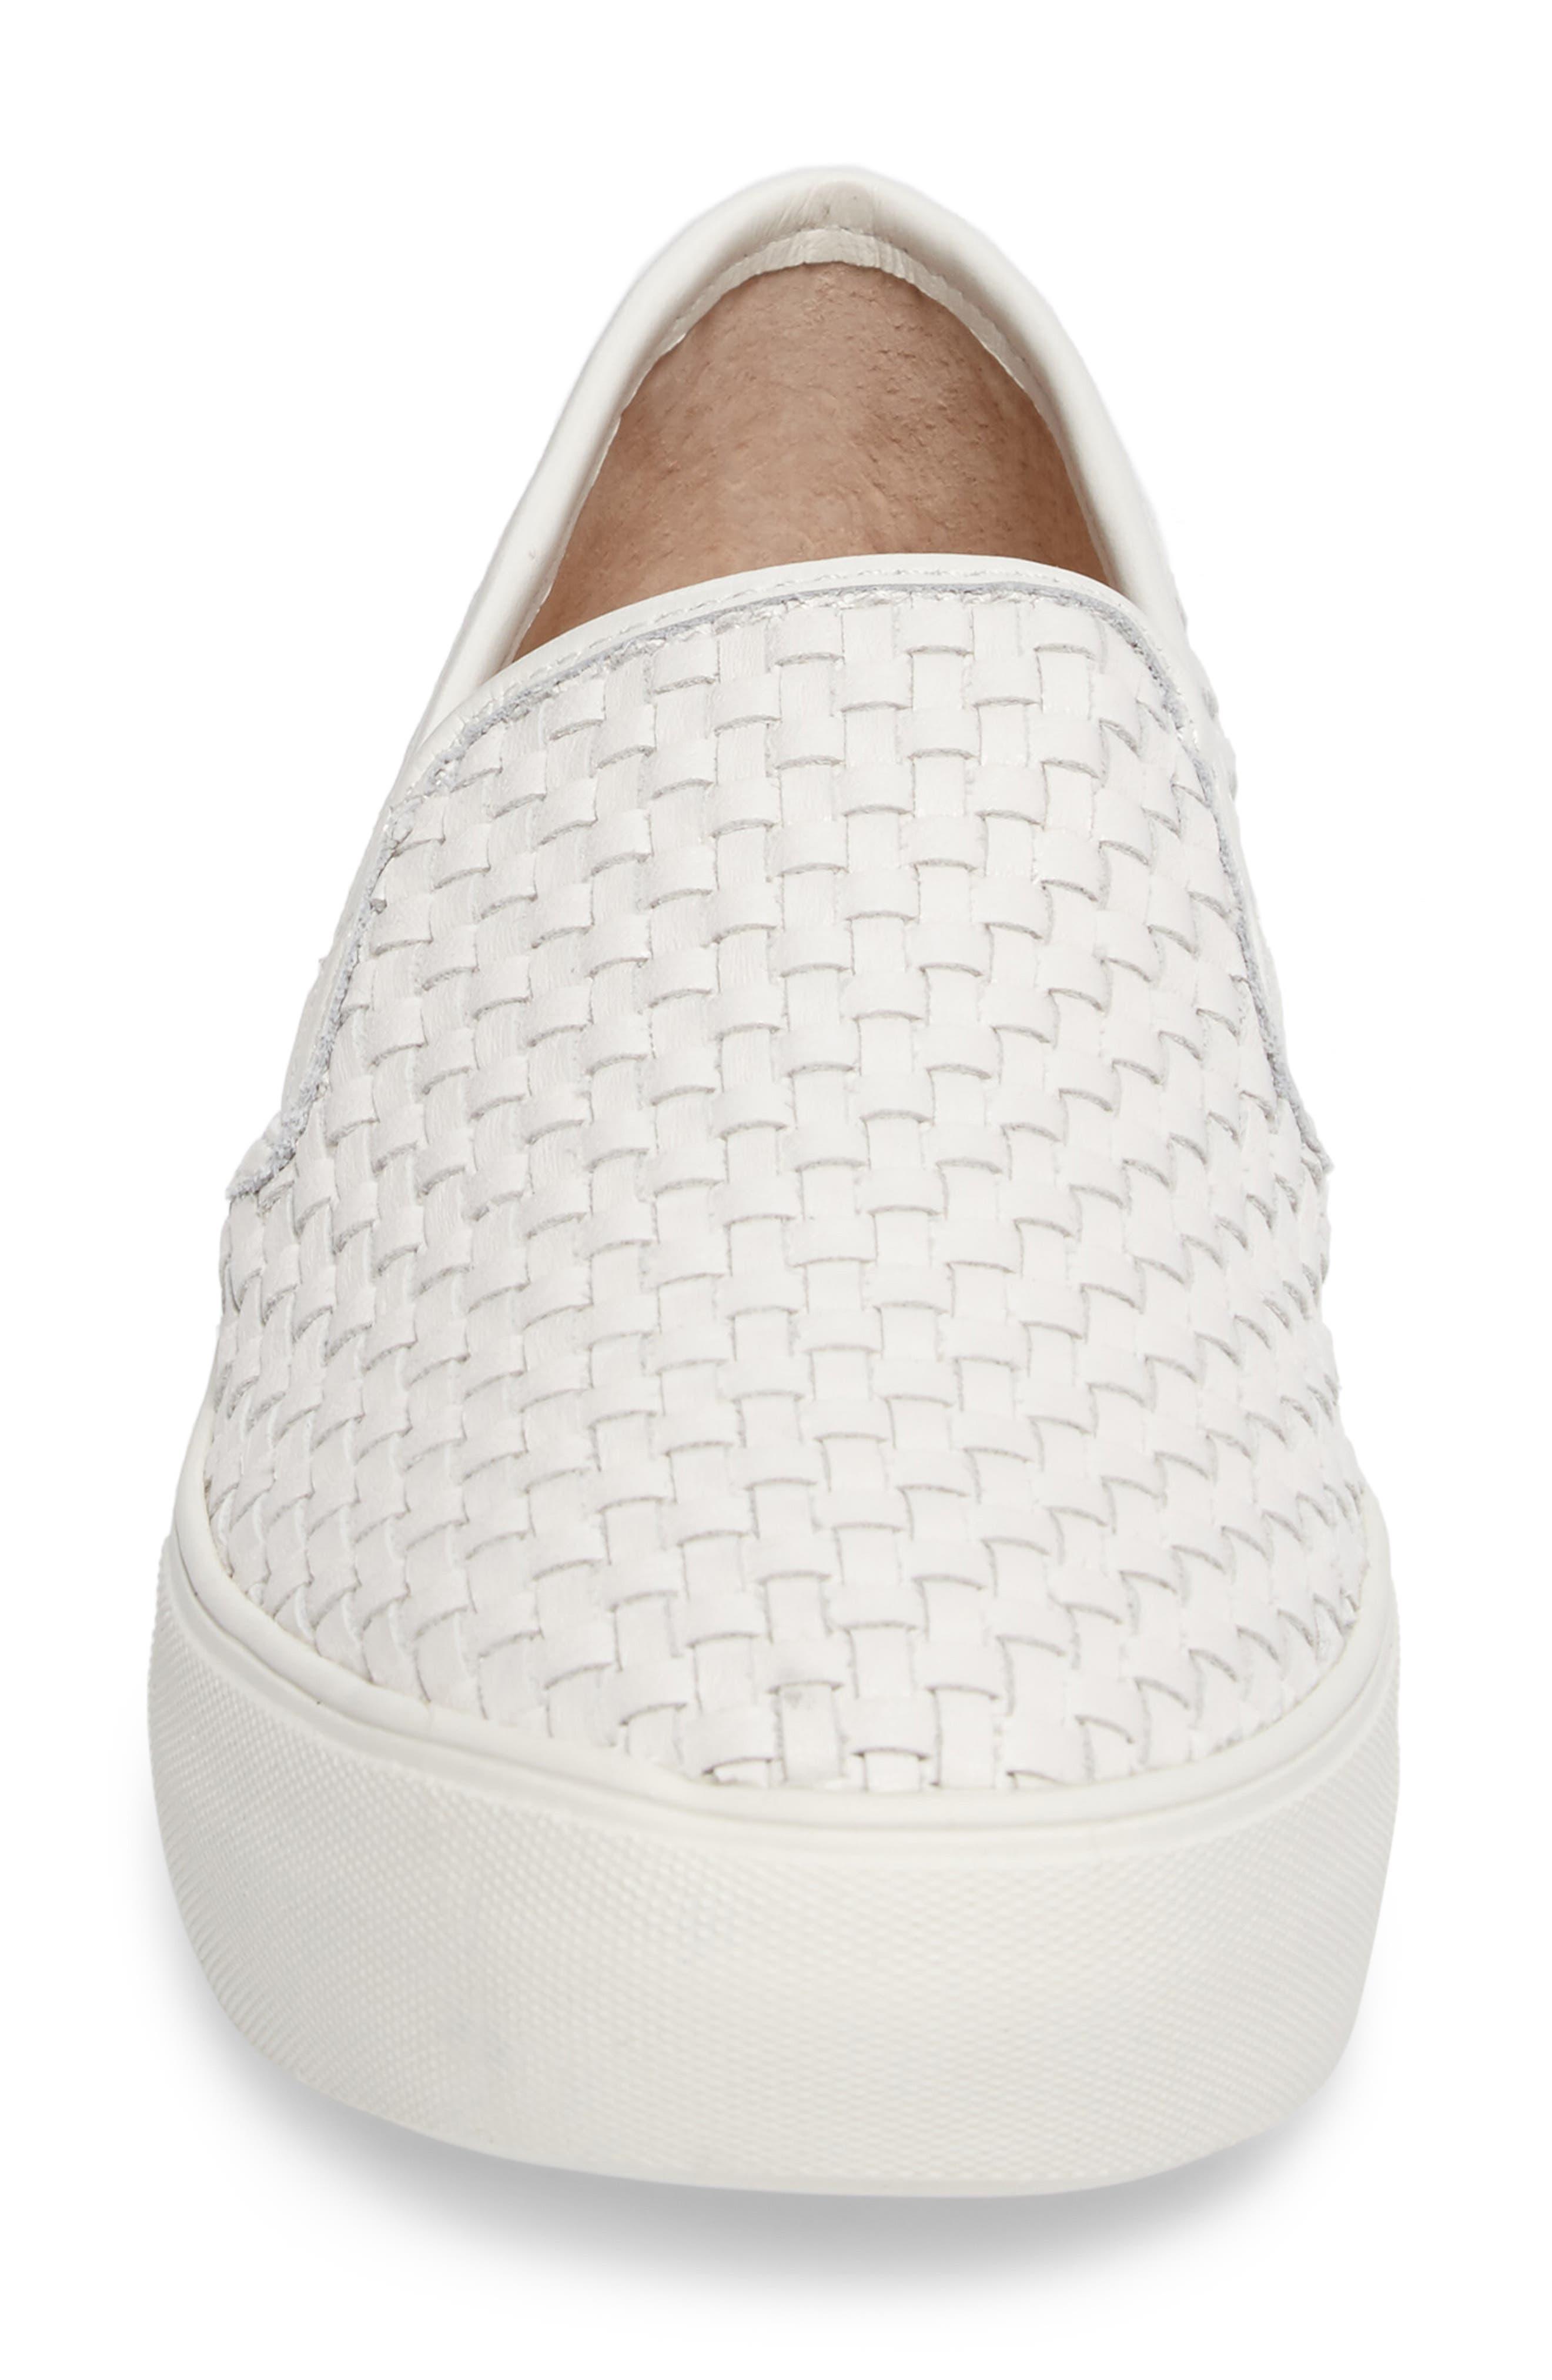 Alyssa Platform Slip-On Sneaker,                             Alternate thumbnail 4, color,                             White Leather